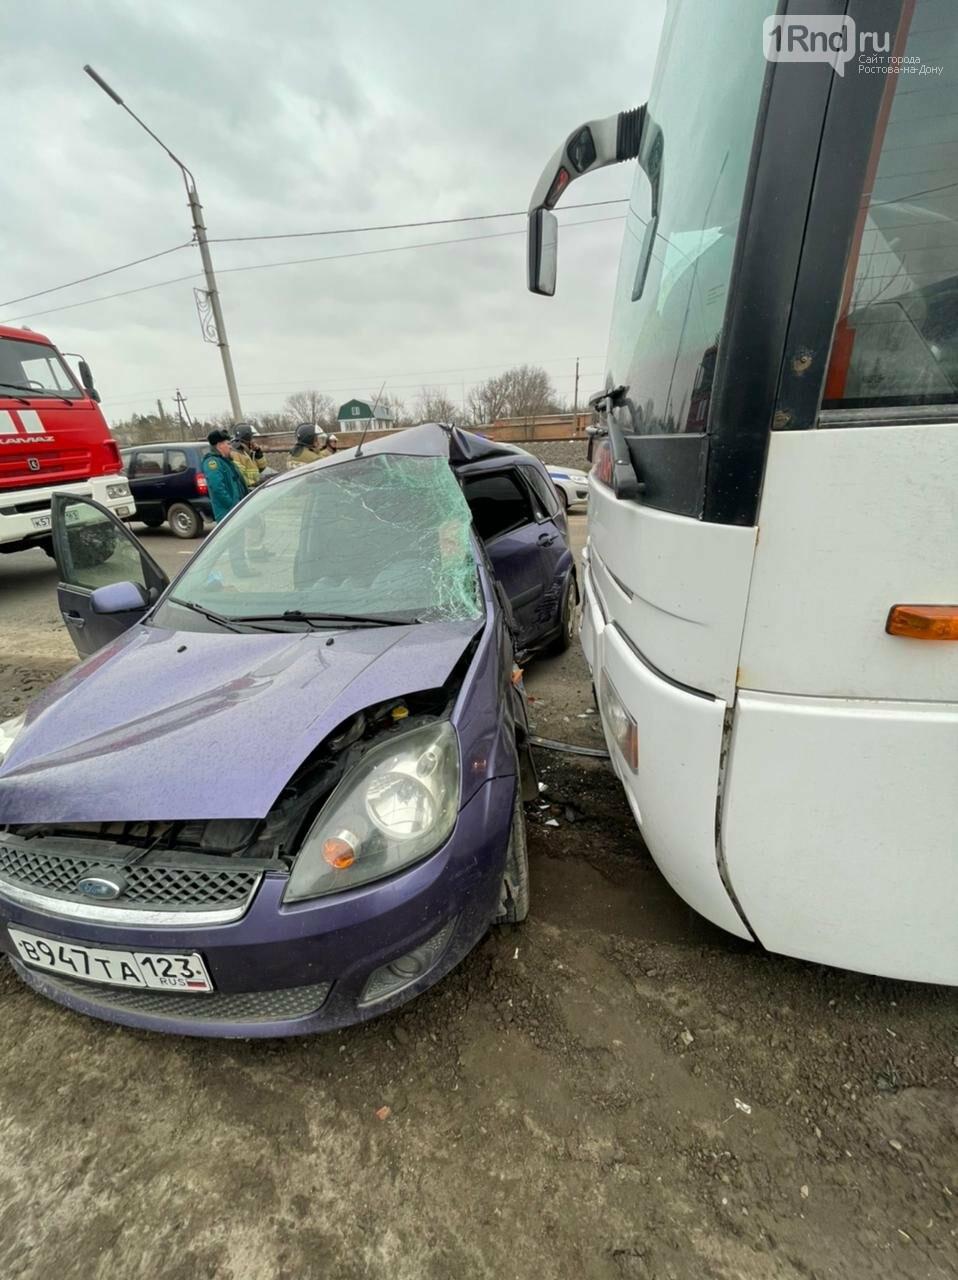 ДТП с автобусом Москва - Элиста, Сальск, 7 апреля, Фото ГИБДД РО